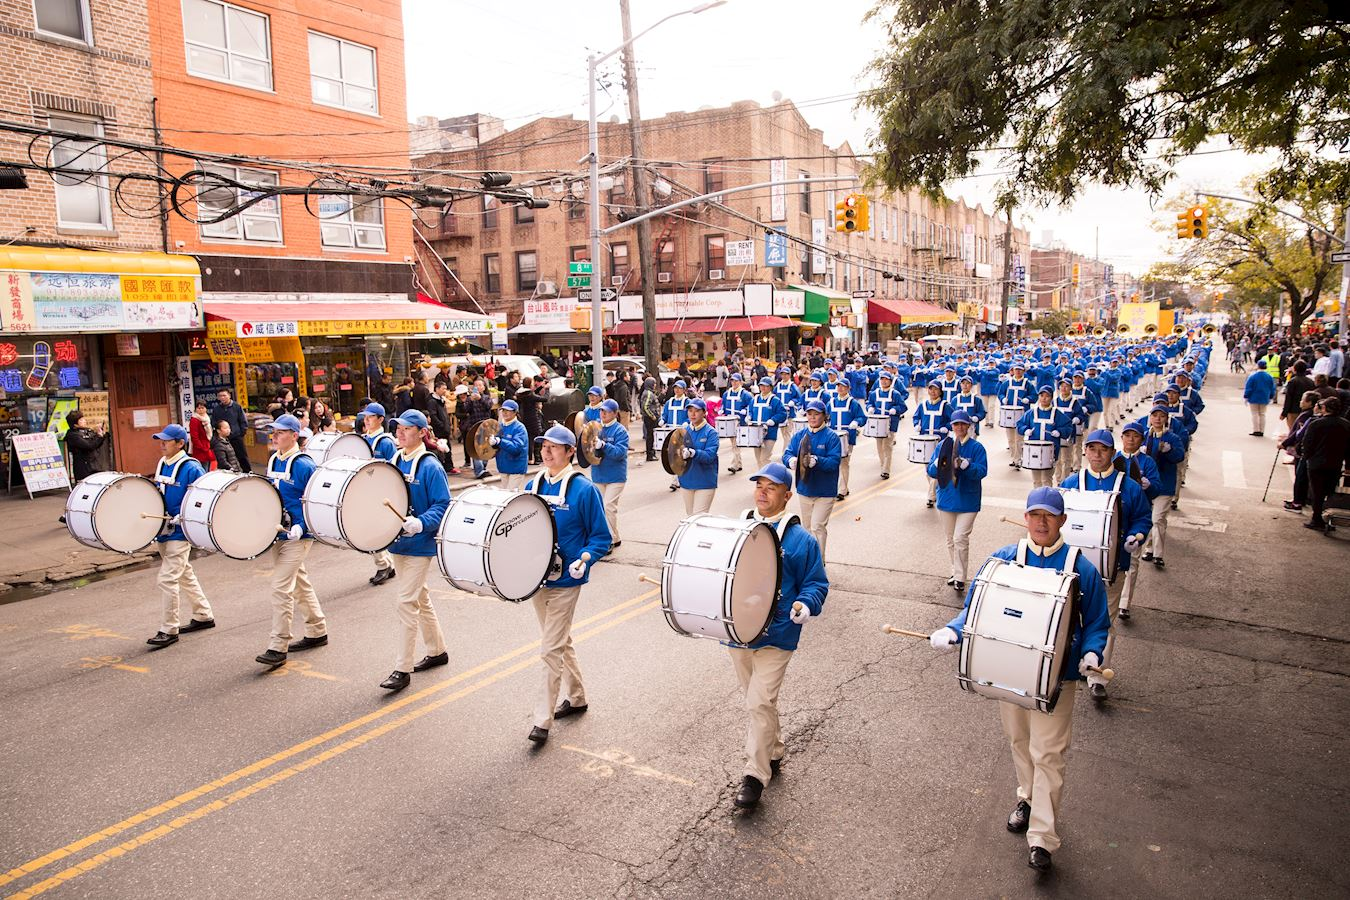 法輪功學員在紐約第三大華人社區布碌侖第八大道舉行盛大遊行。(明慧網)